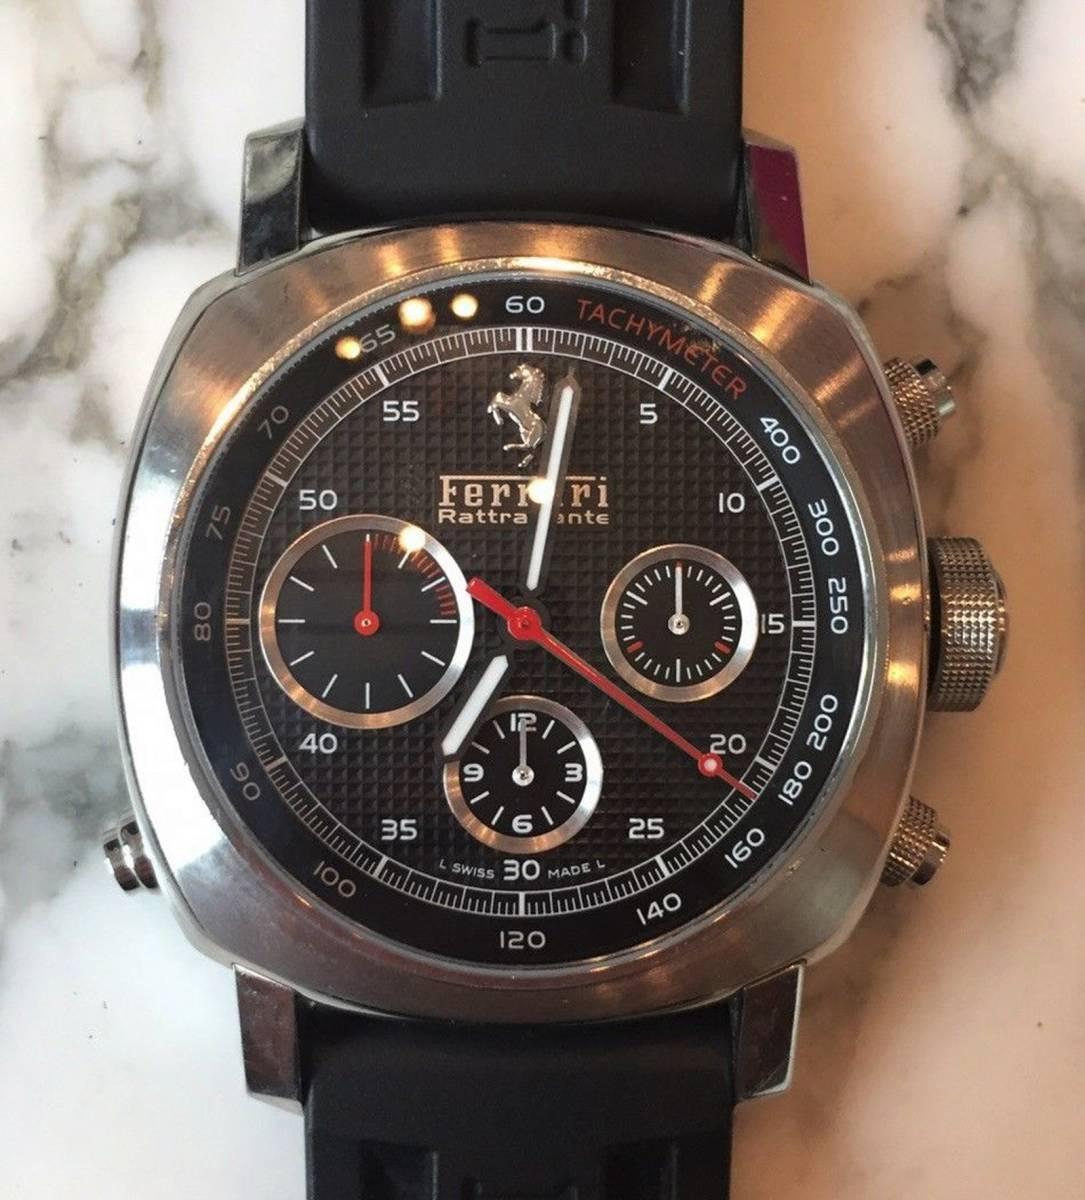 本物 150万円 PANERAI パネライ フェラーリ・グラントゥーリズモ・ラトラパンテ自動巻きFER00005 メンズ腕時計【2回のみ使用の極美品】